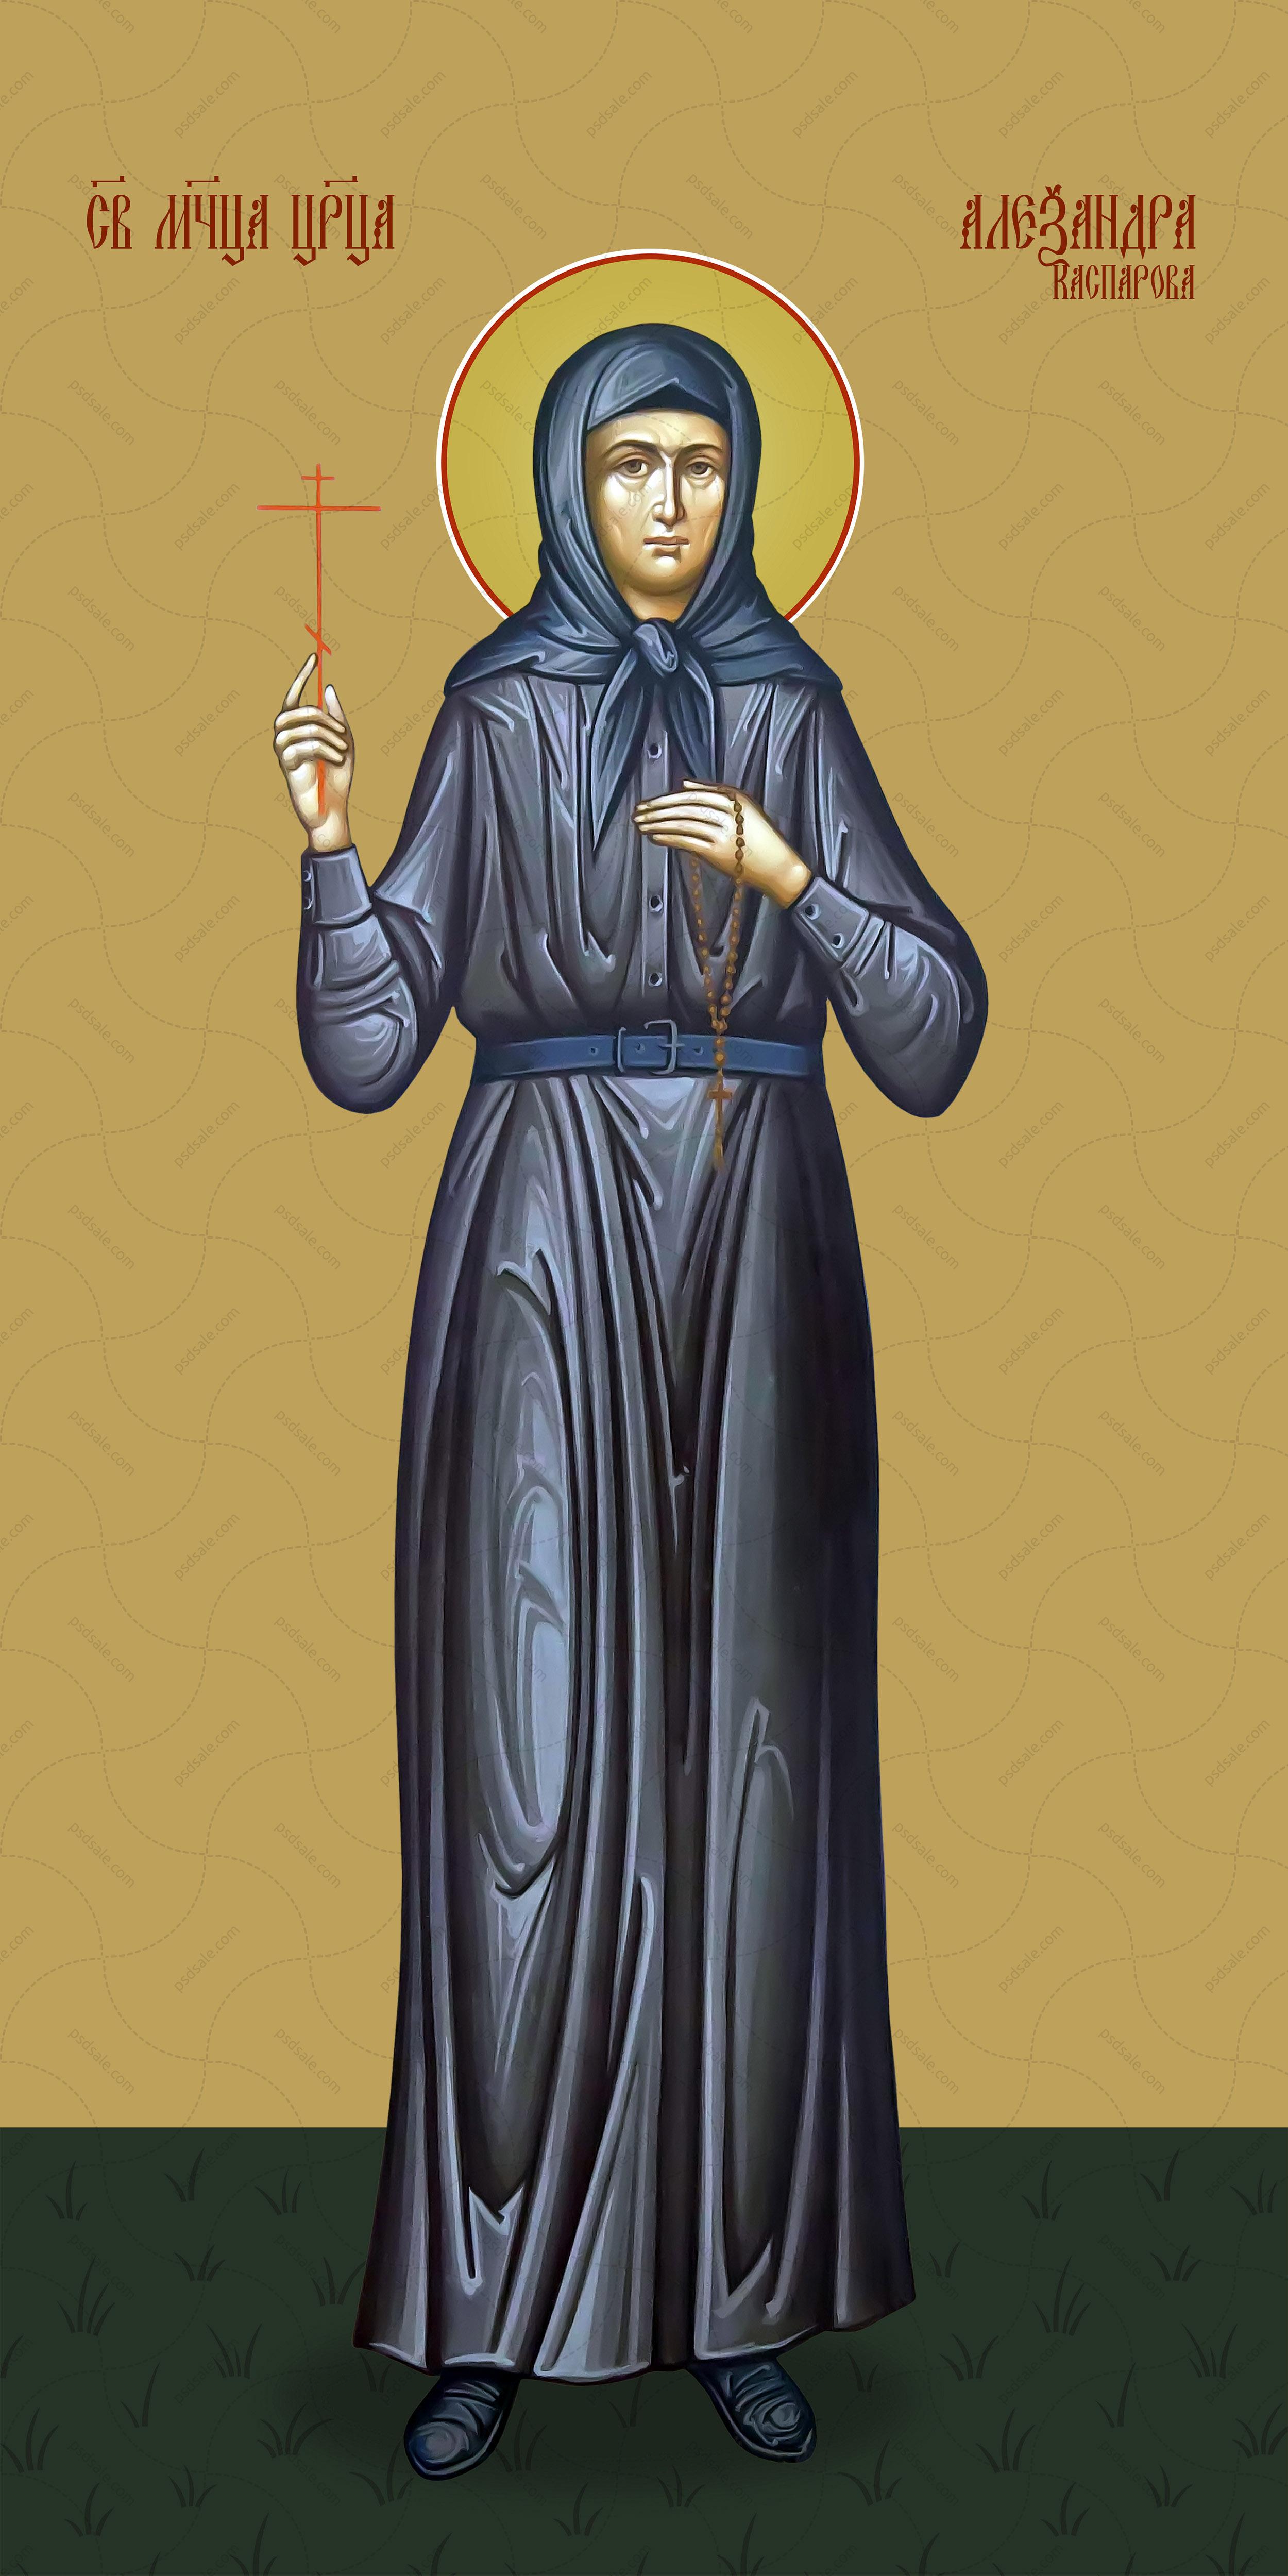 Мерная икона, Александра Каспарова, святая царица